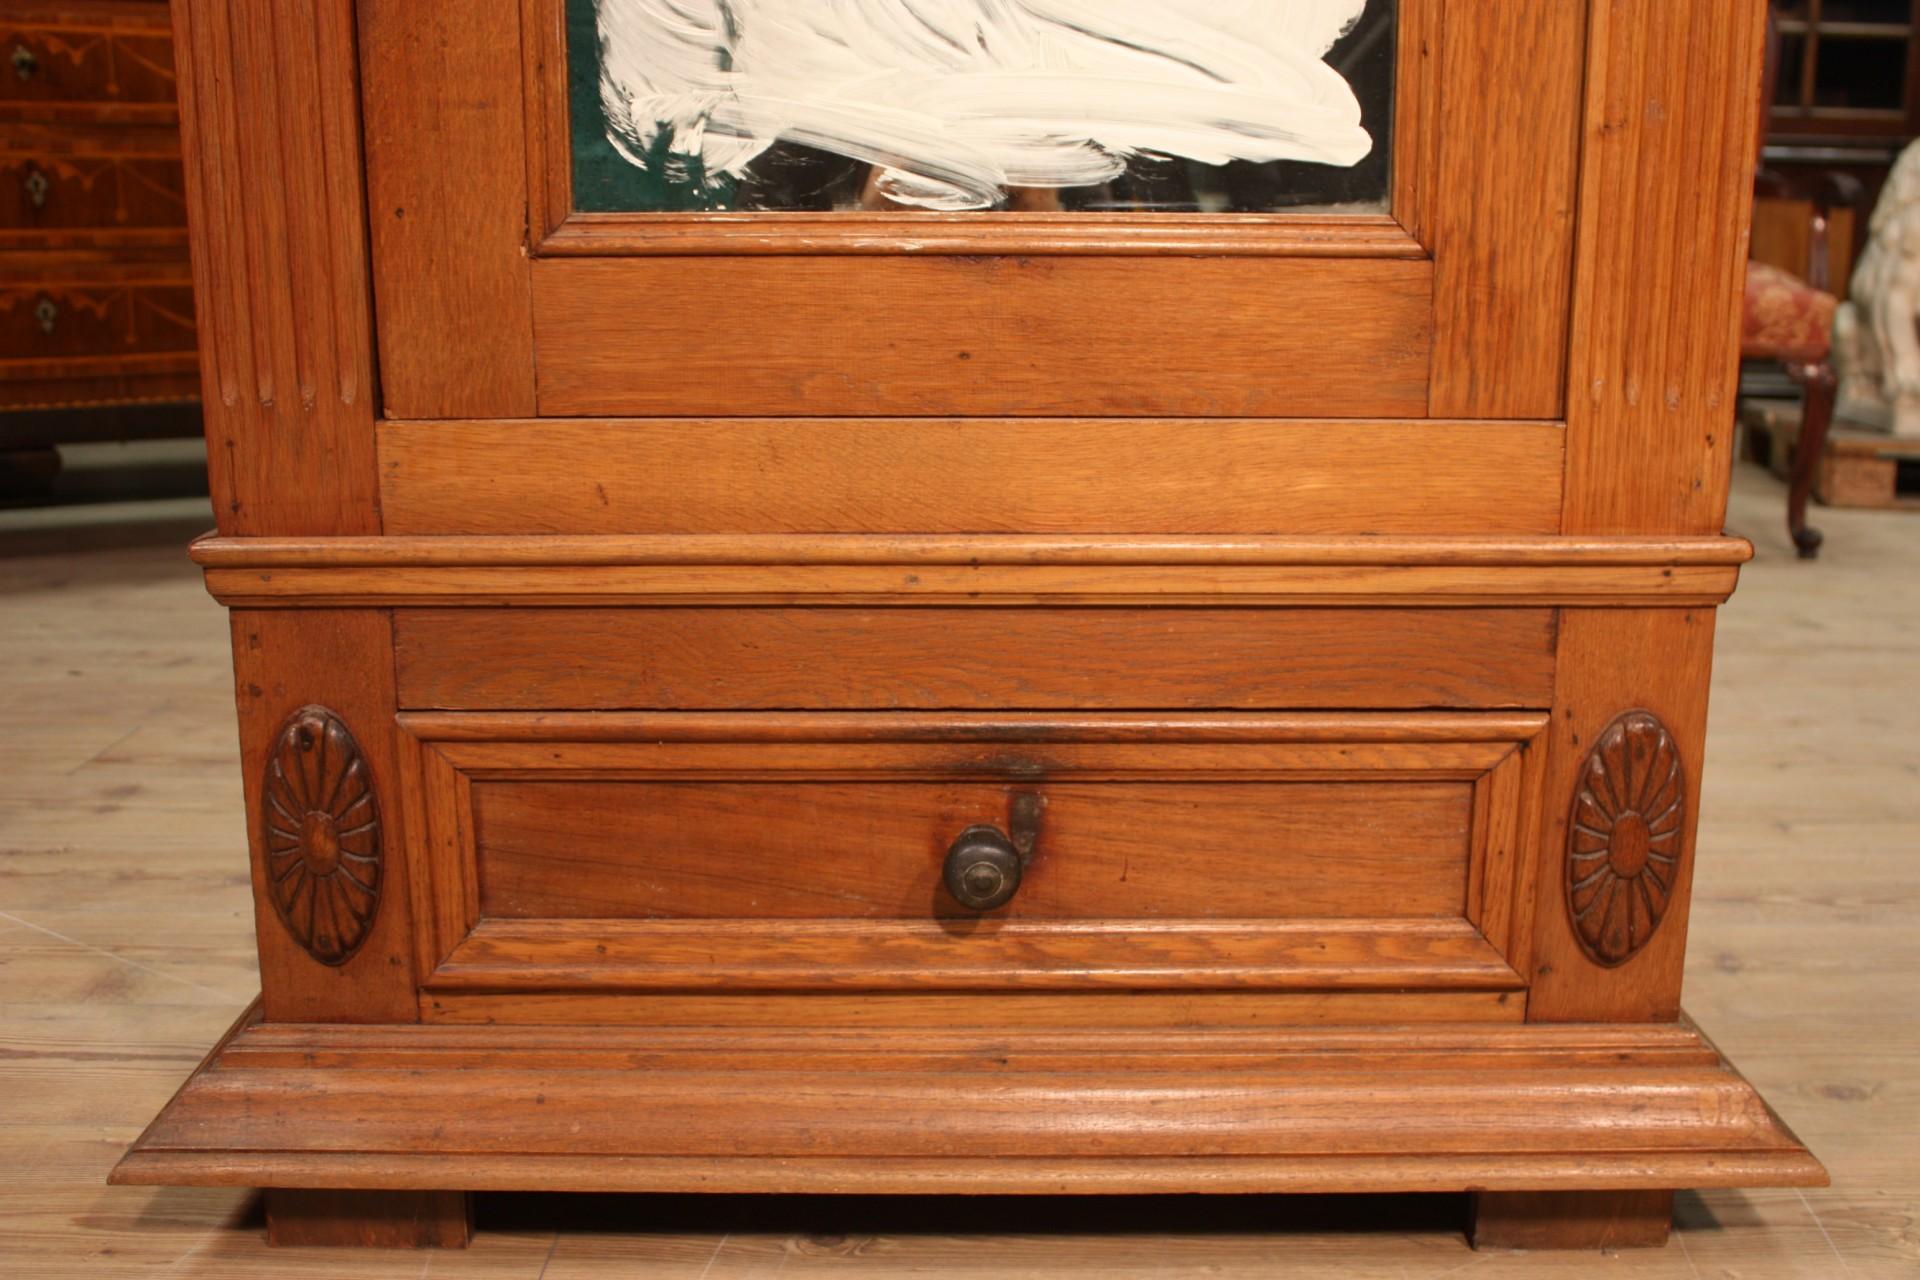 Annuncio: Armadietto in legno di rovere • NowArc